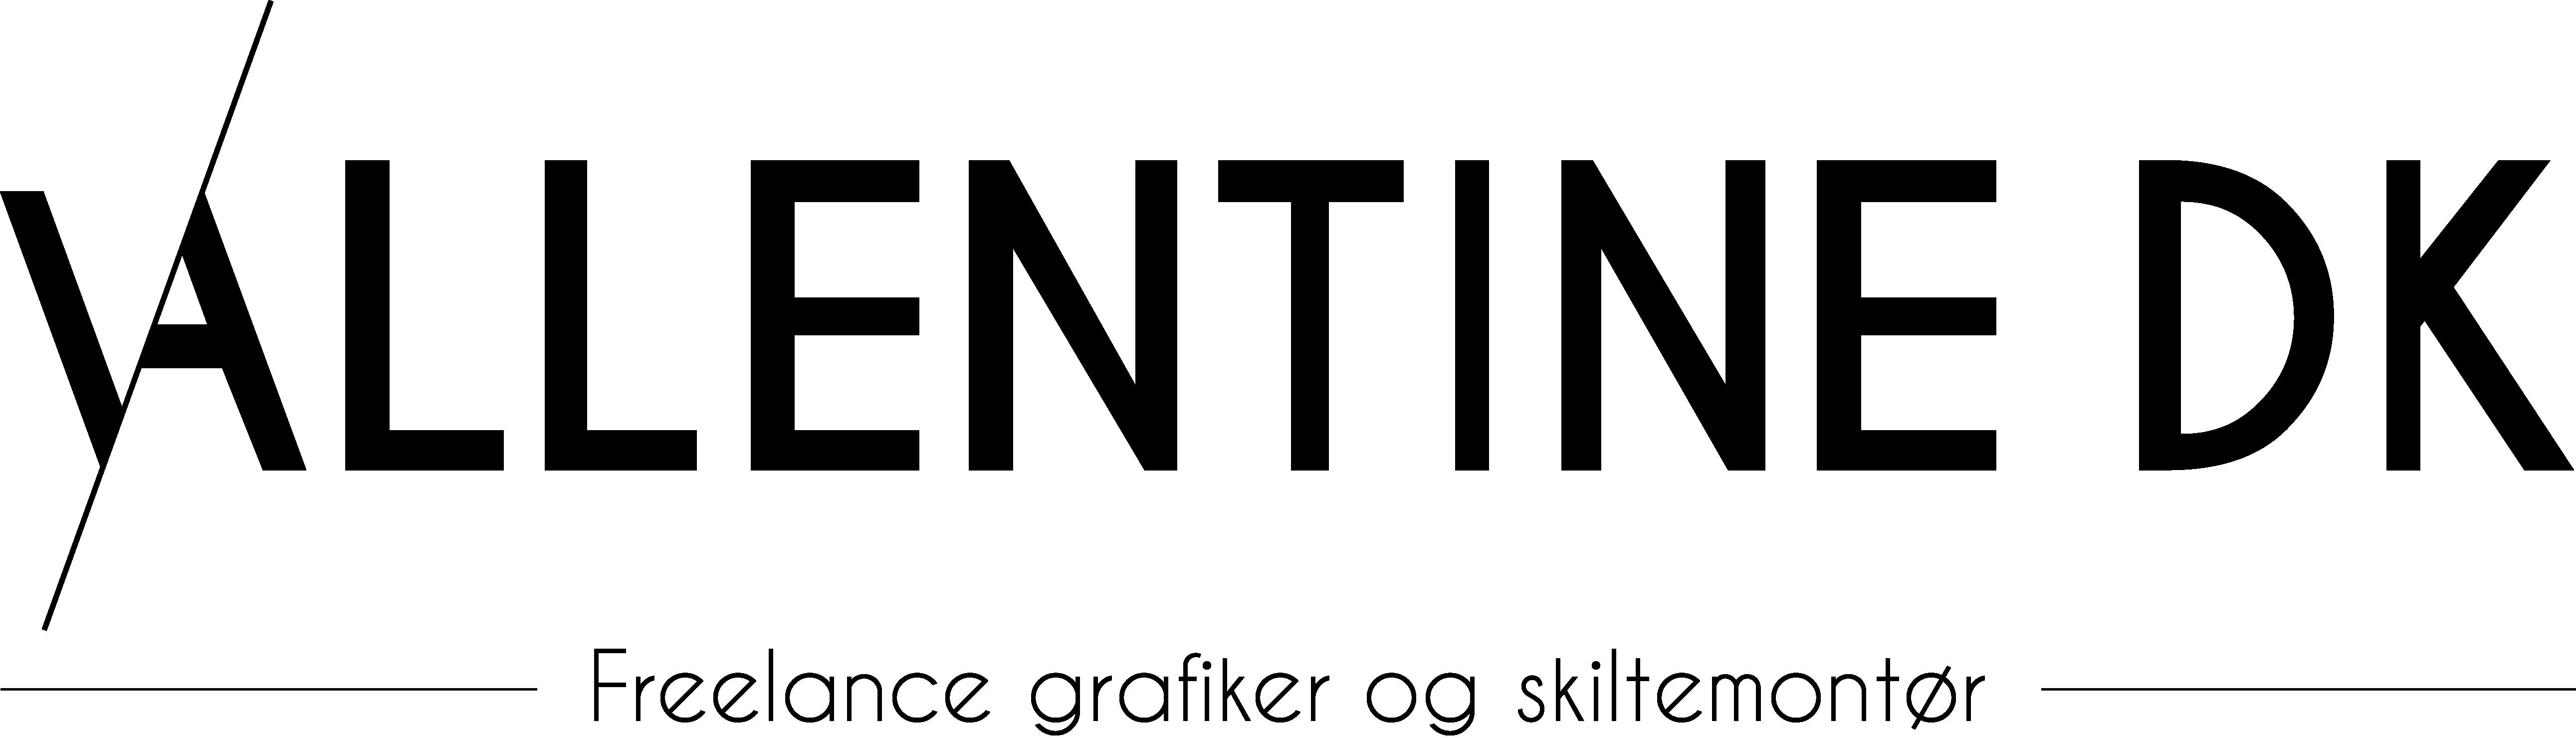 Vallentine.dk